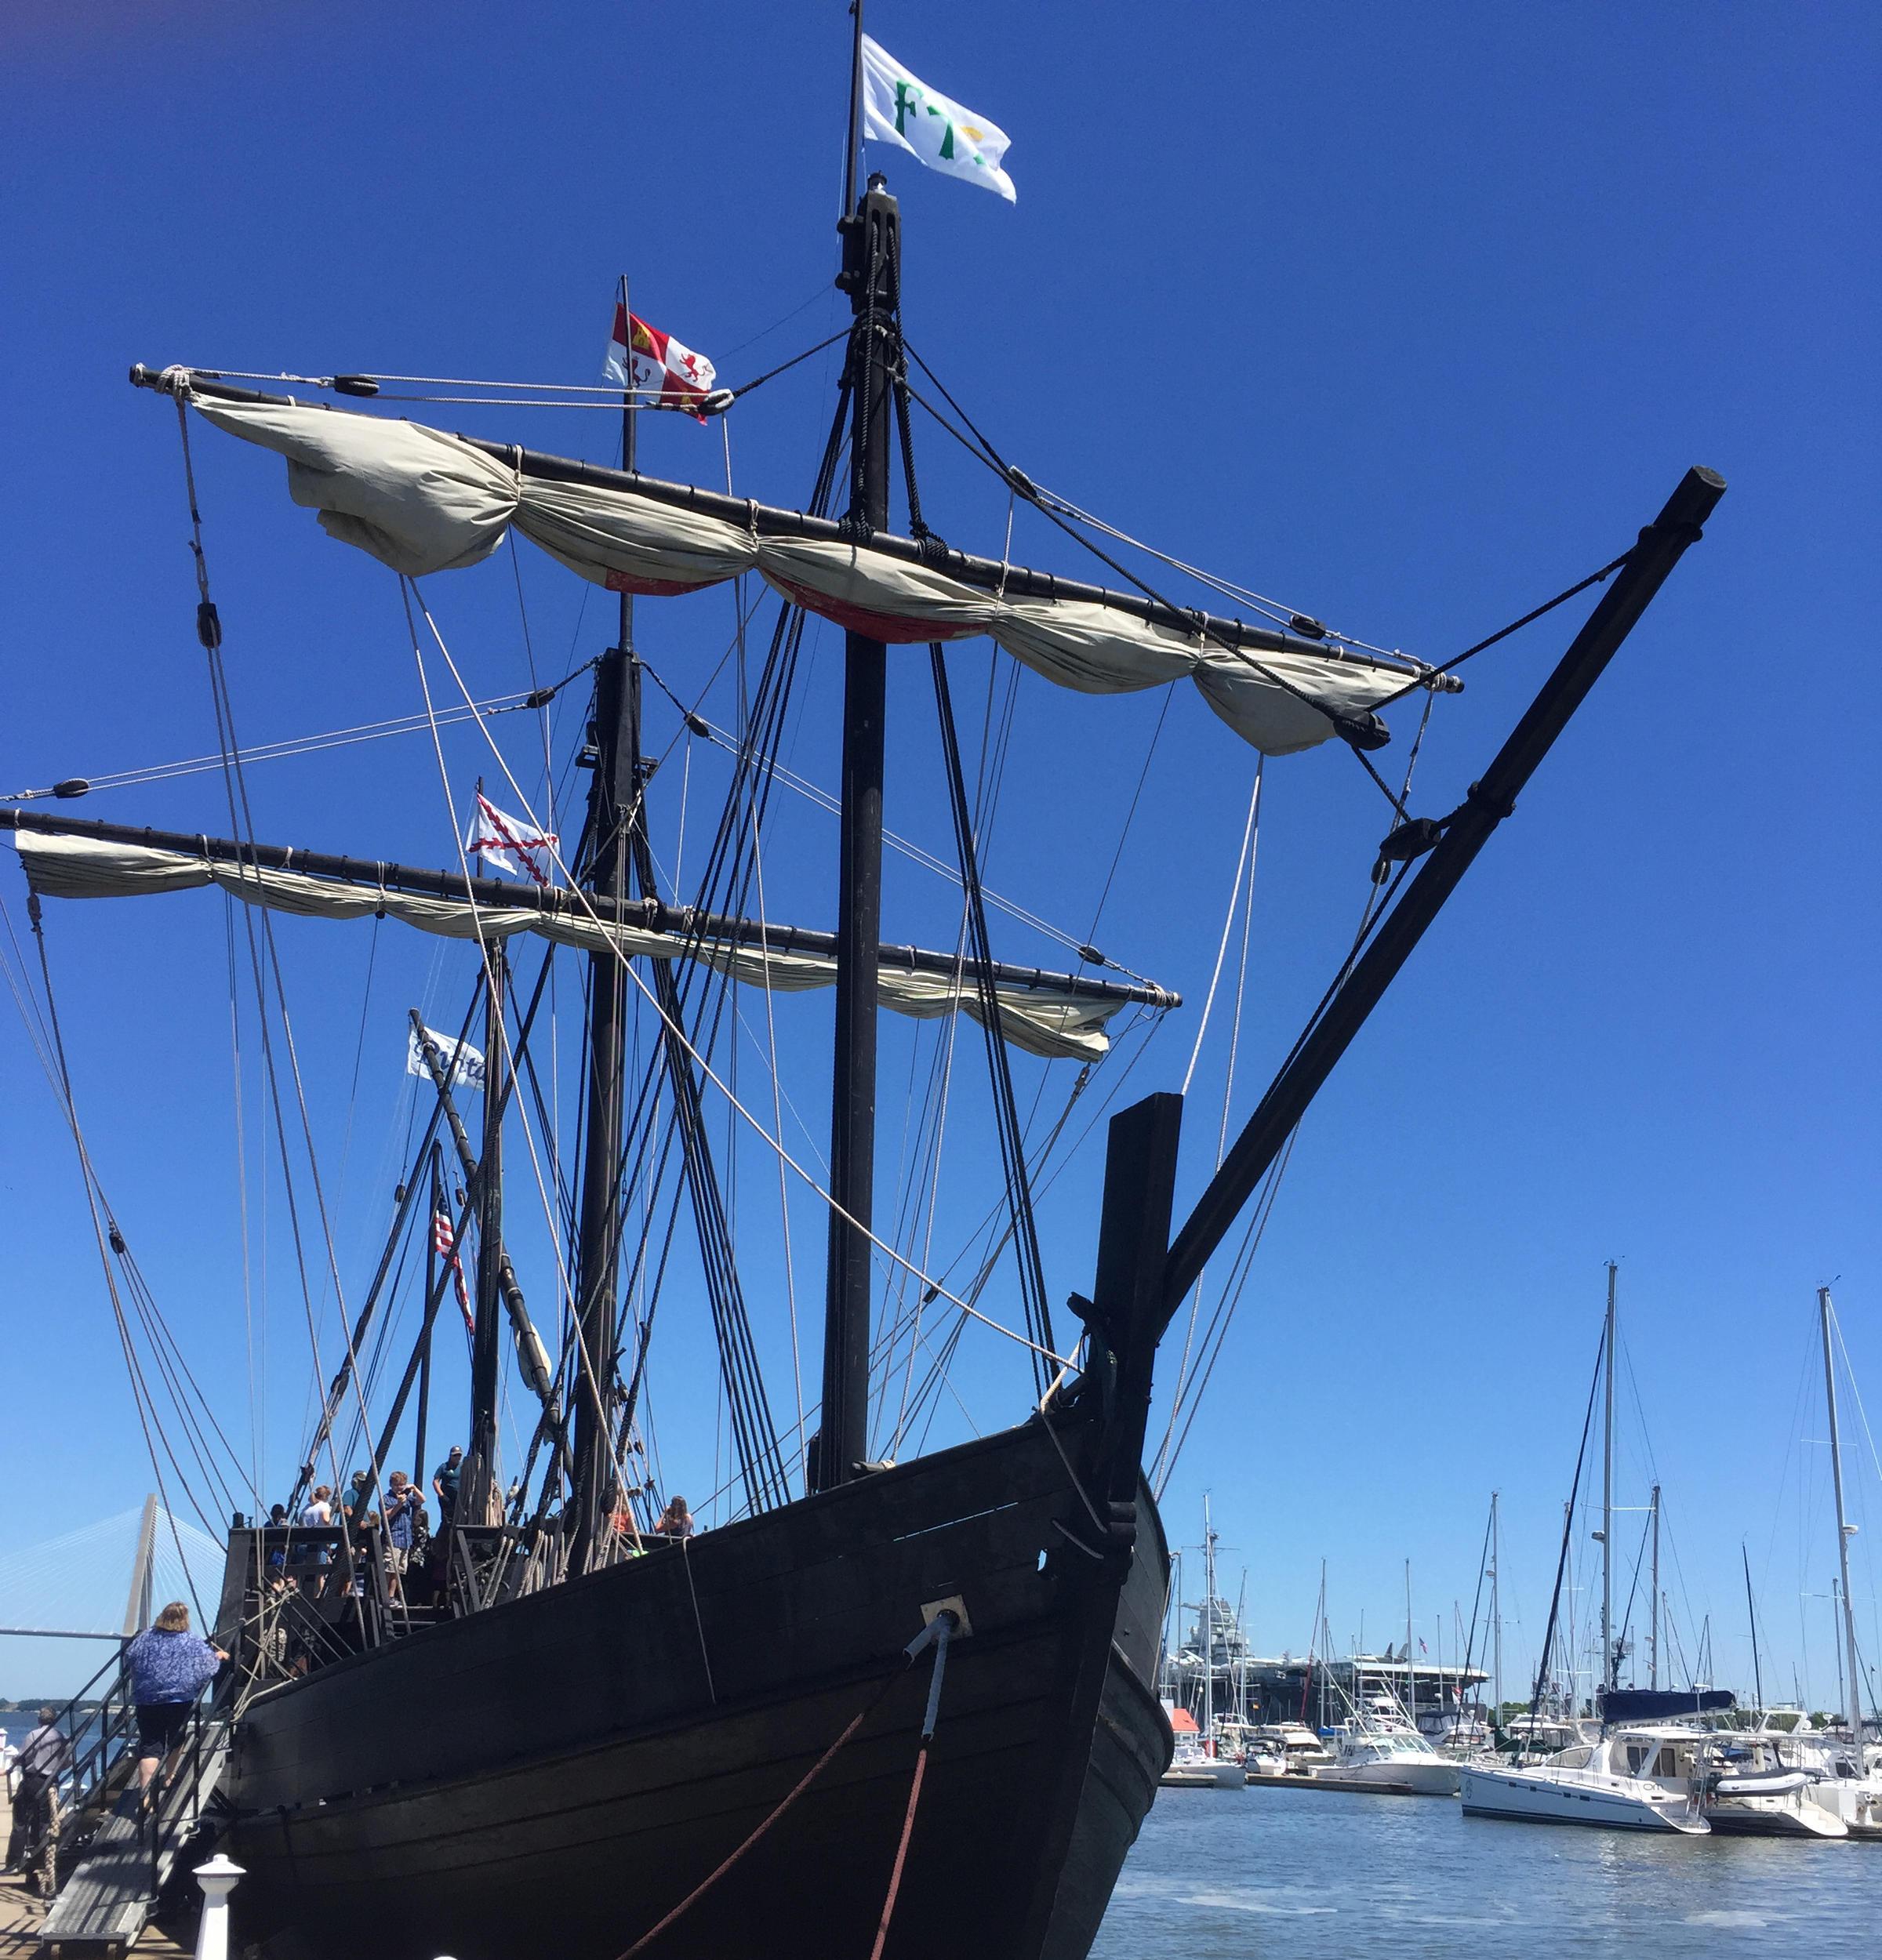 Christopher Columbus Ship Nina